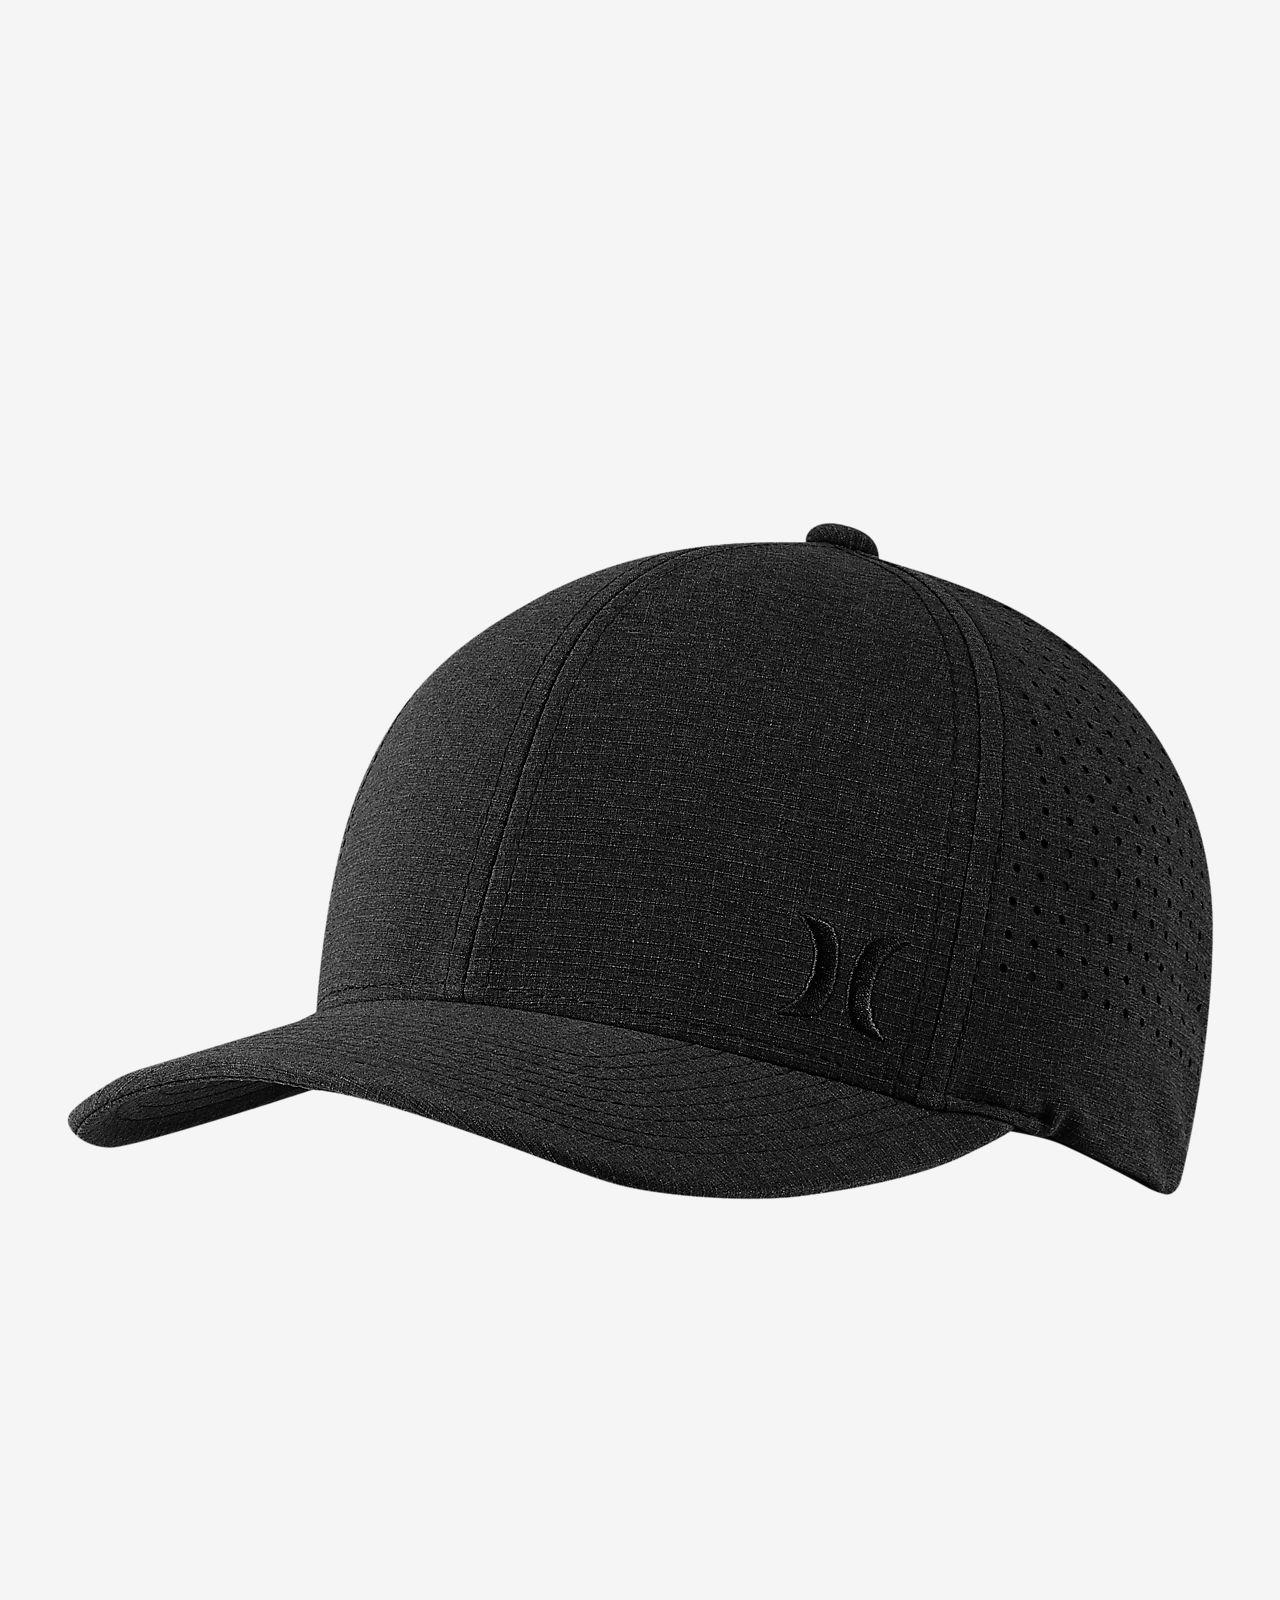 5bc8222643f Hurley Phantom Men s Ripstop Hat. Nike.com LU